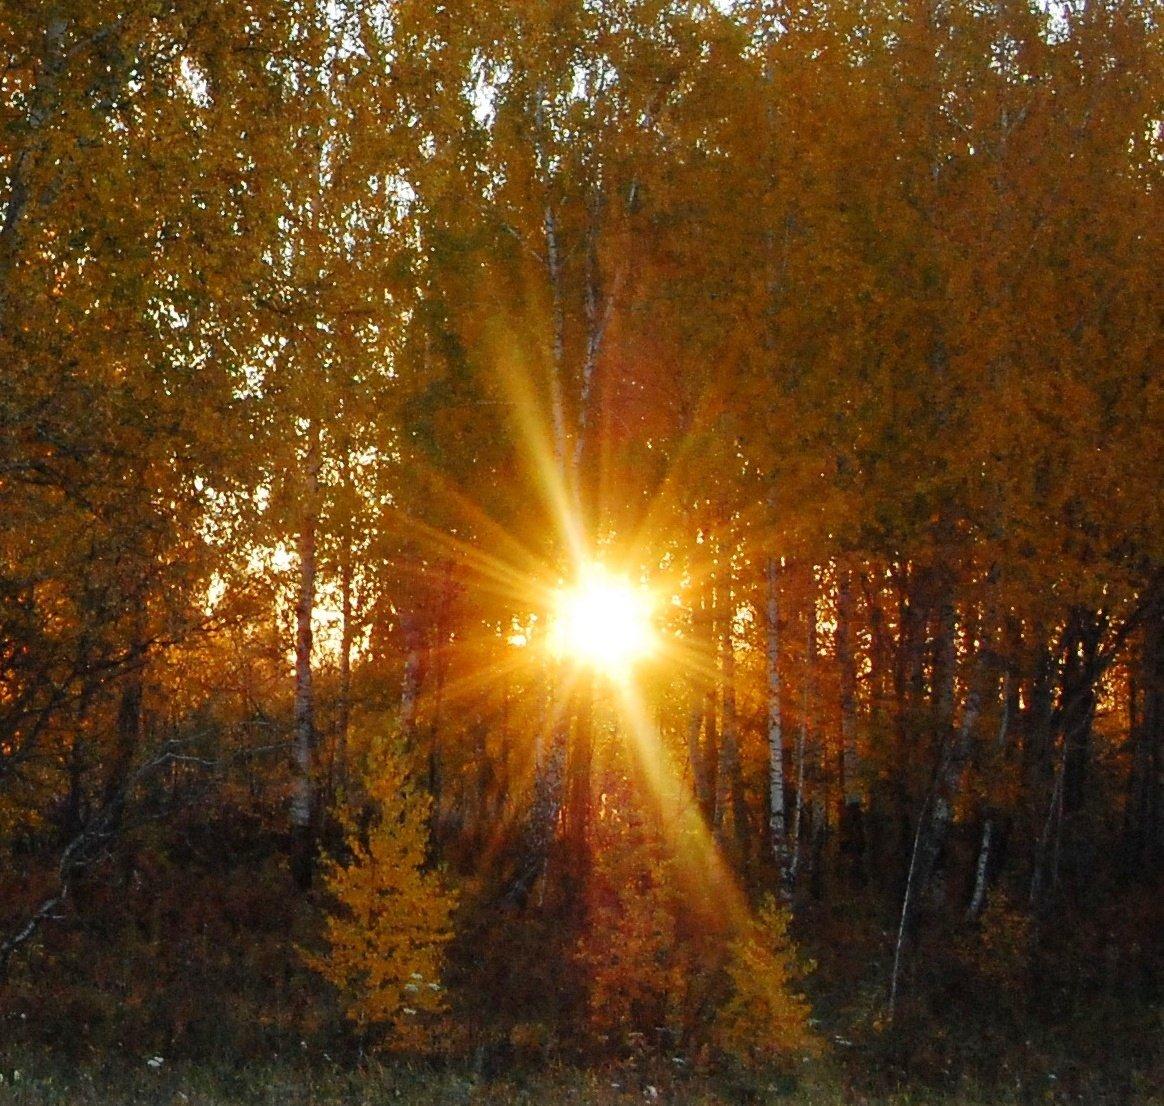 осеннее солнечное утро картинки играет кинокартинах